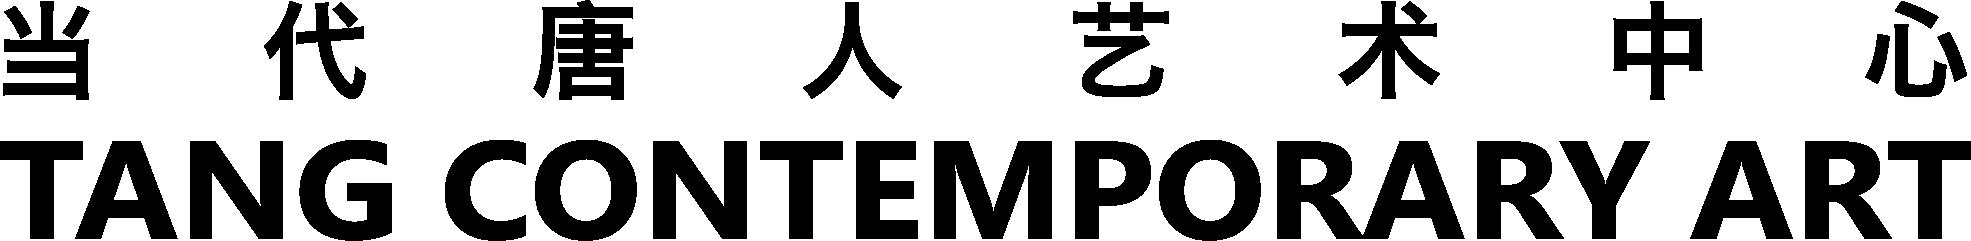 当代唐人艺术中心参展2021纽约弗里兹艺博会线上展厅 线上 展厅 当代唐人艺术中心 纽约弗里兹艺博会 纽约 弗里兹艺术博览会 贵宾 VIP Preview 会员 崇真艺客